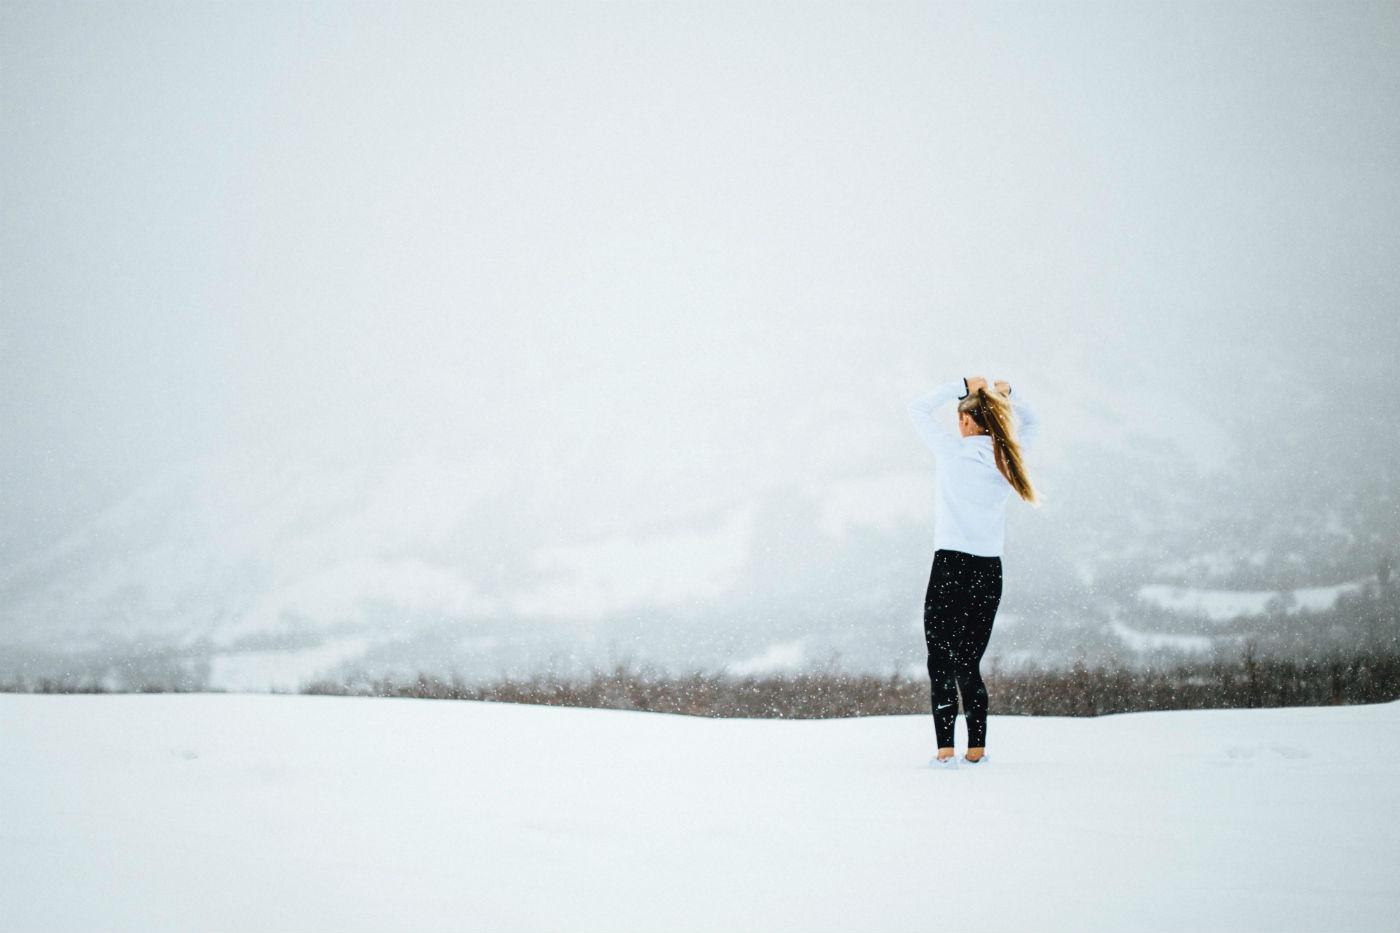 Winter skin by Abigail Keenan